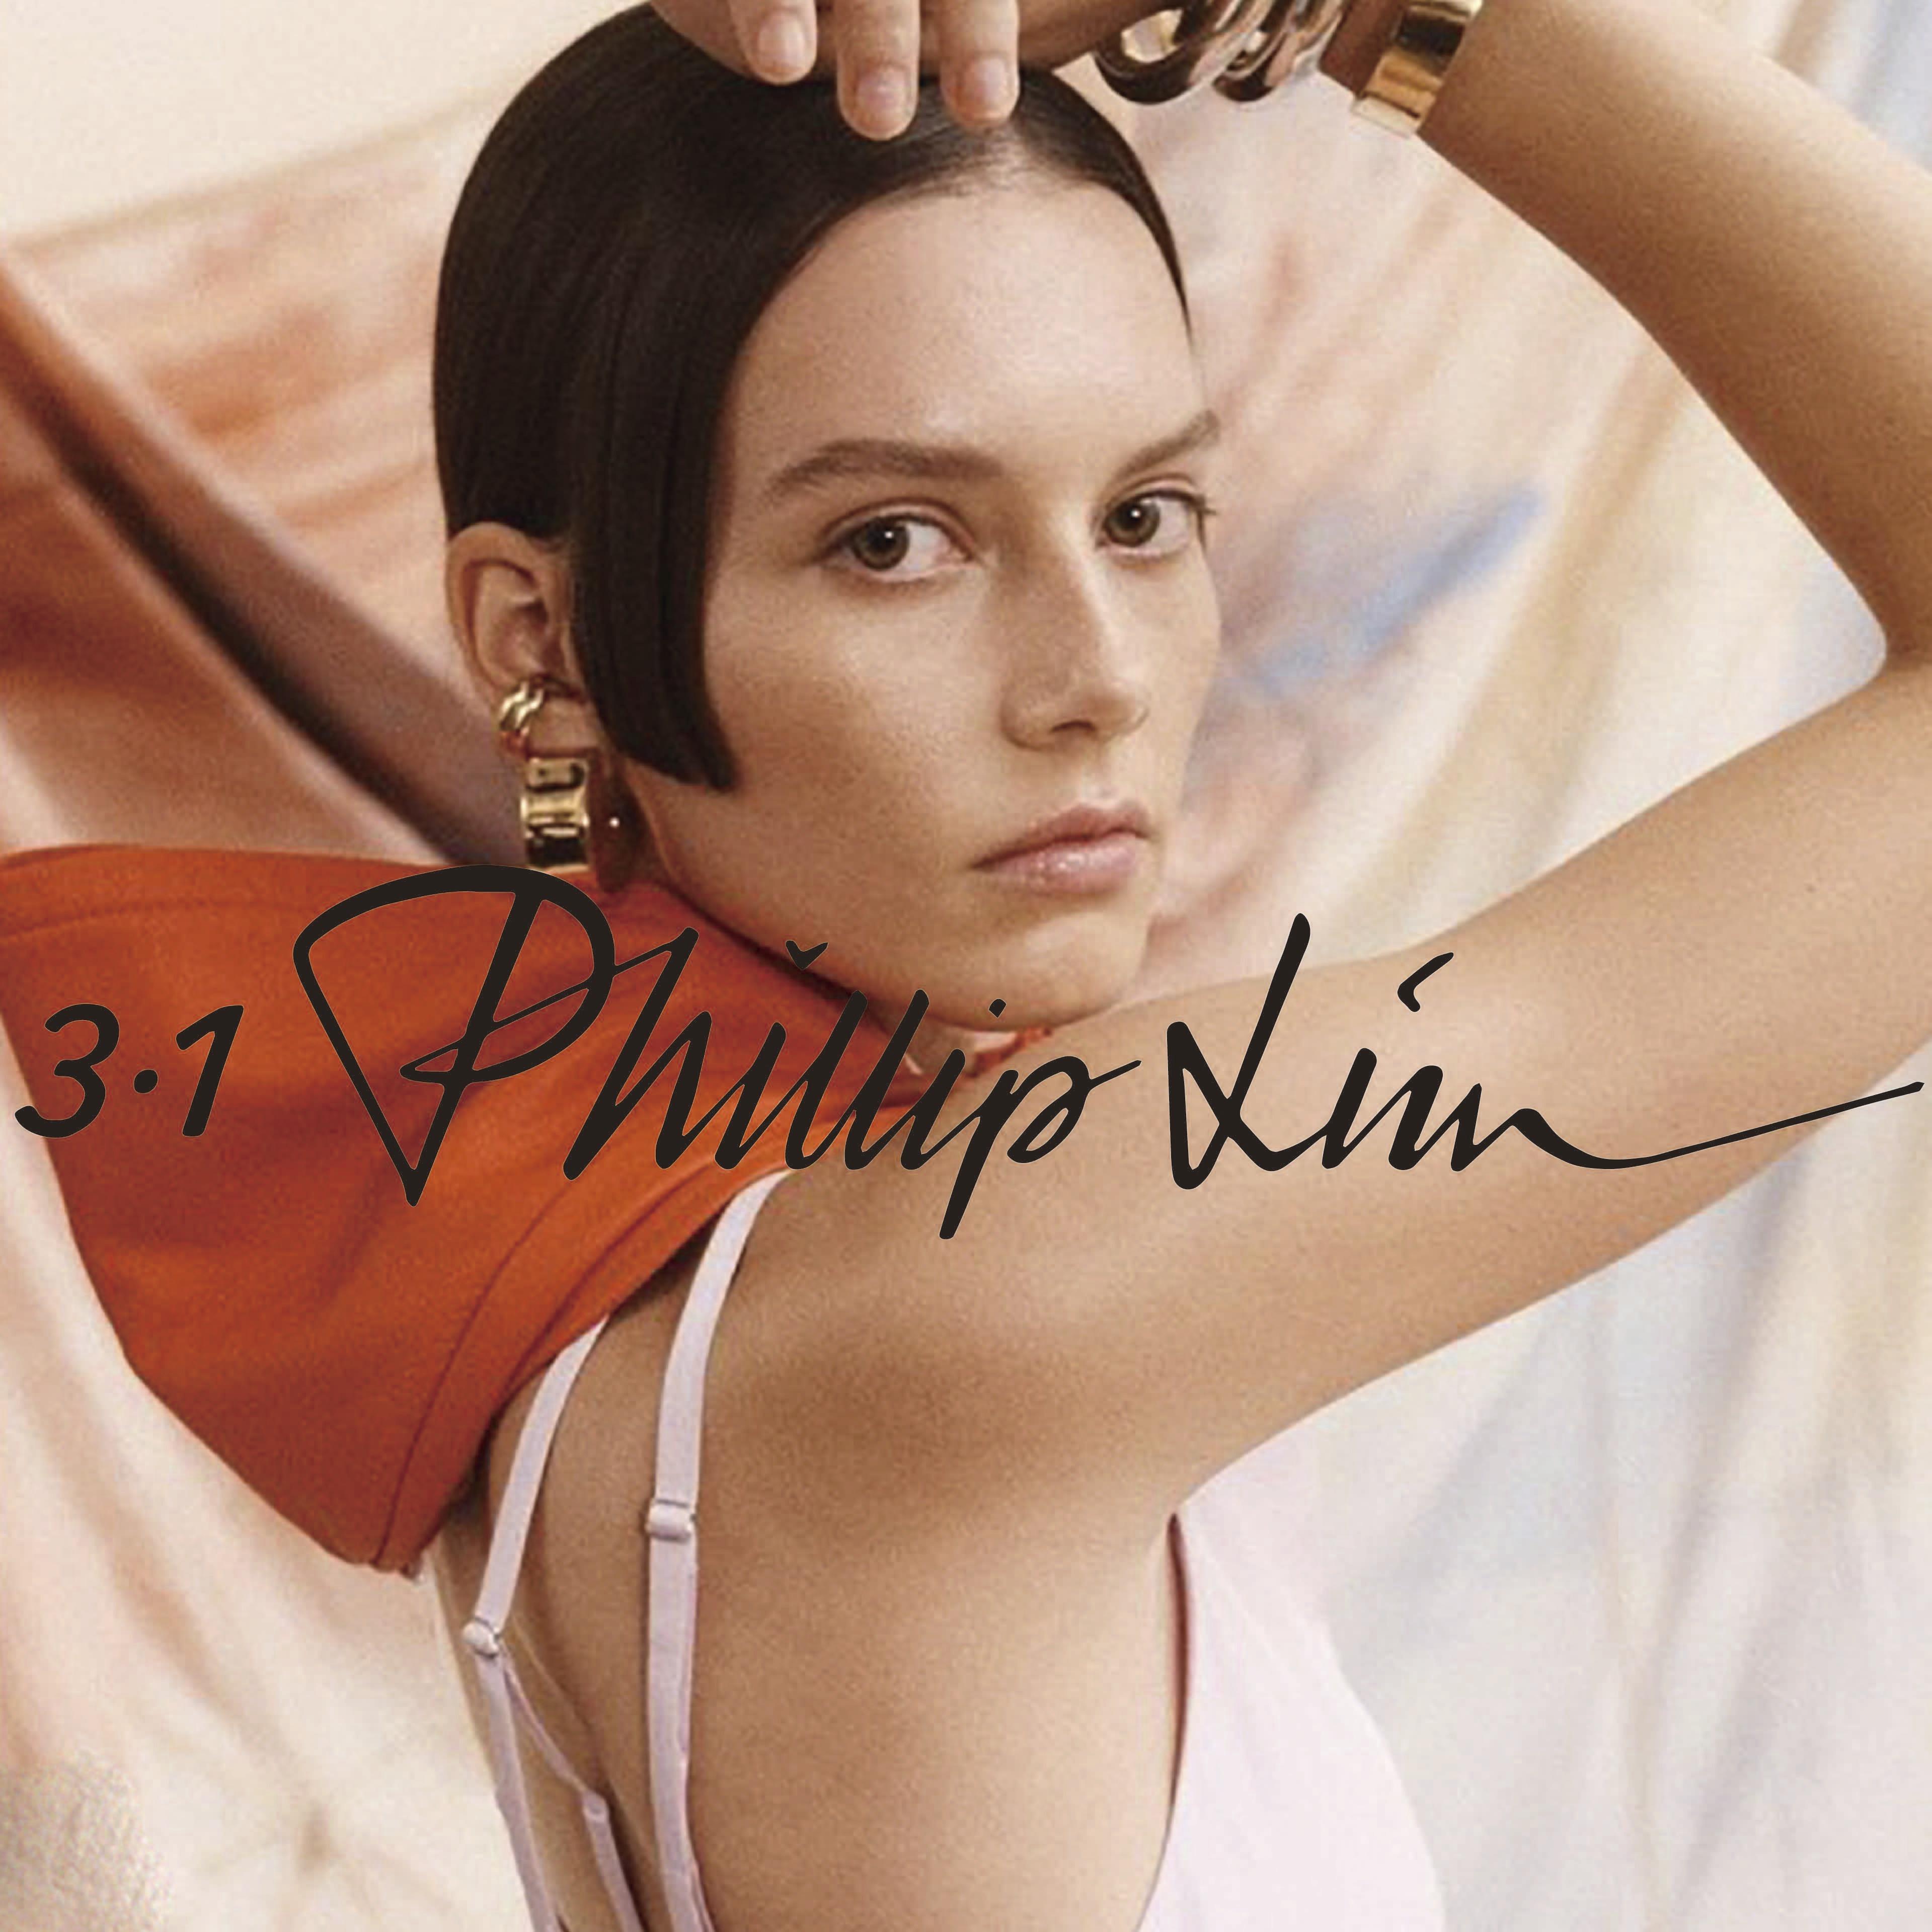 3.1 Phillip Lim,スリーワン フィリップリム,大阪セレクトショップ,なんばセレクトショップ